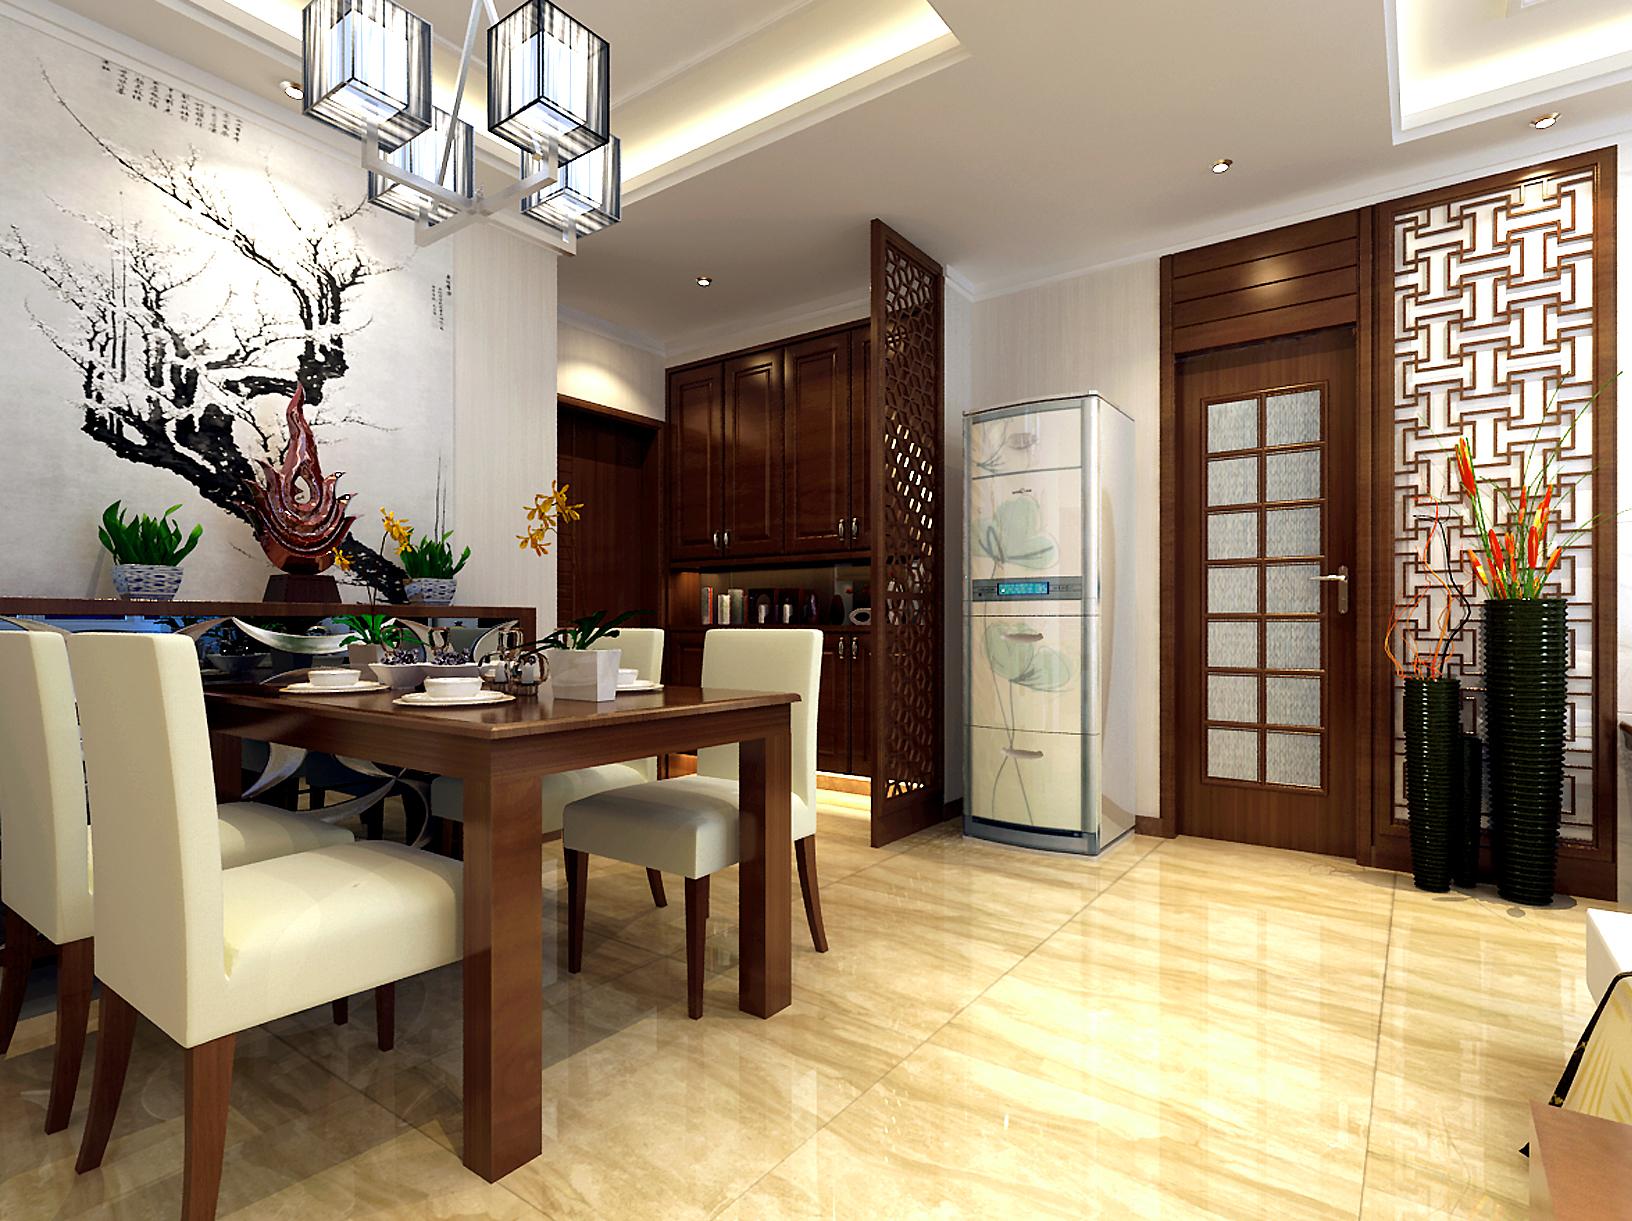 中式 三居 收纳 80后 餐厅图片来自兰州业之峰大户型设计中心在中广宜景湾尚城110经典案例的分享